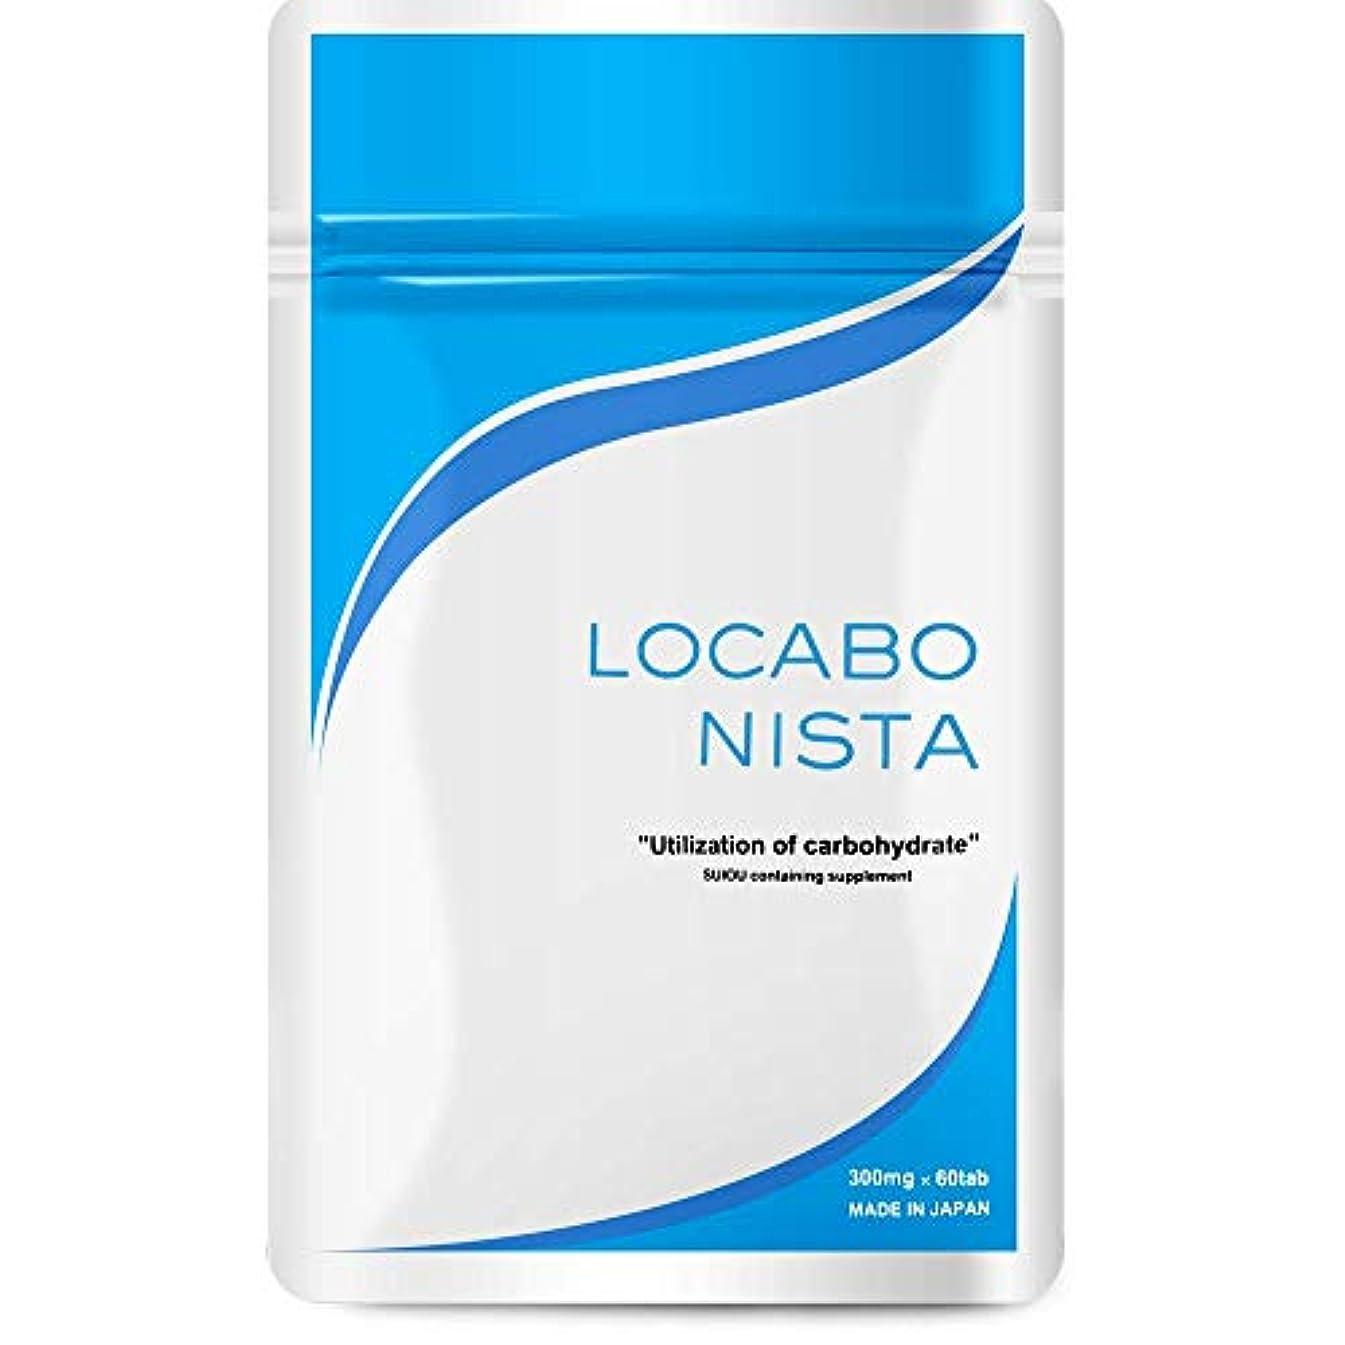 常習者特に南西ダイエット サプリ 燃焼系 糖質活用 LOCABO NISTA ロカボ ニスタ [ GLP-1 すいおう α-リポ酸 カテキン クロロゲン酸 サプリメント 糖質 コントロール 短期 スリム]